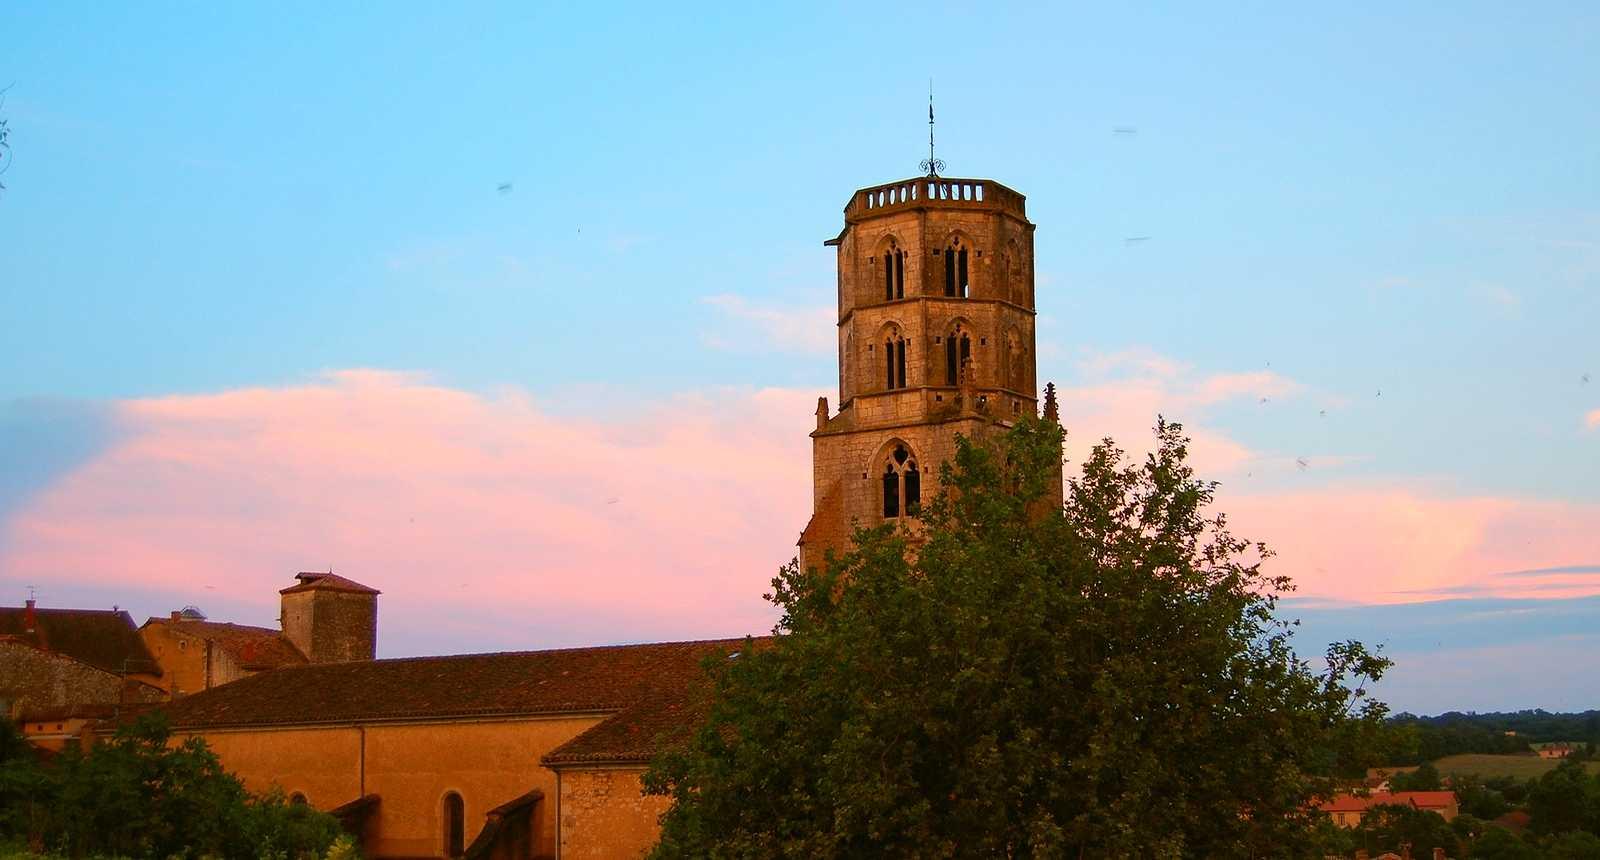 L'église Saint-Michel de Mauvezin